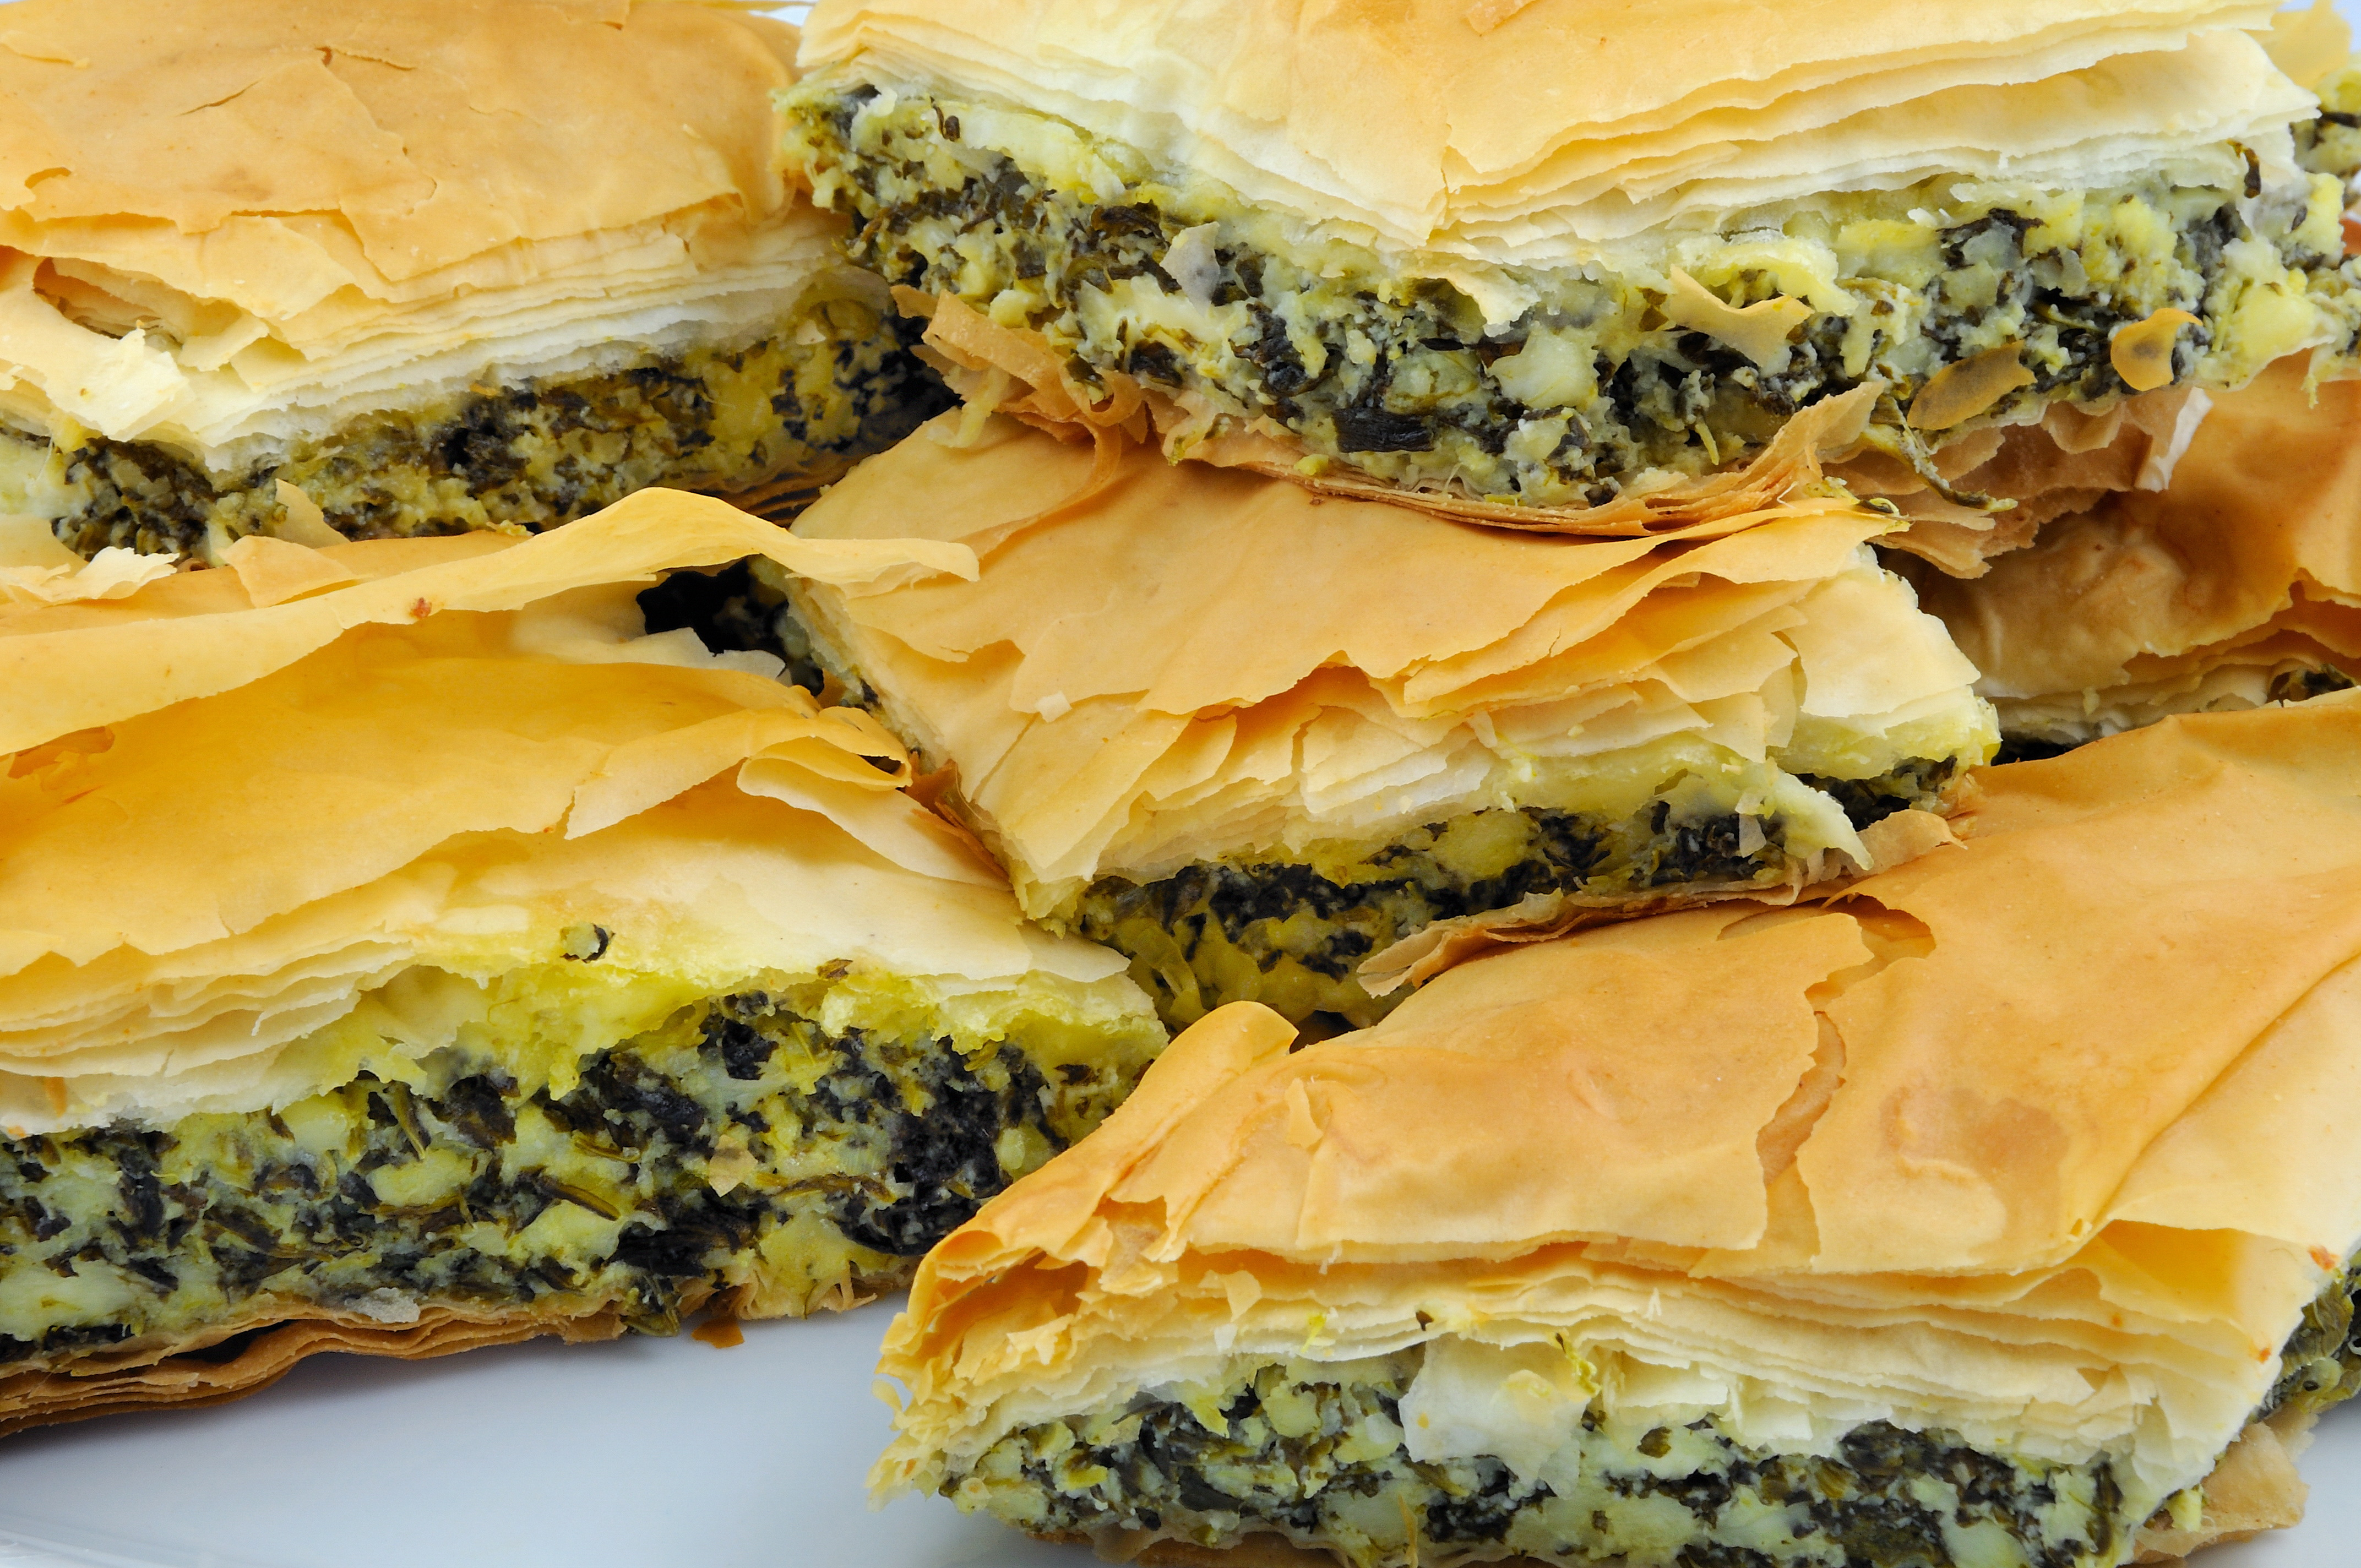 пироги слоеные в мультиварке рецепты с фото